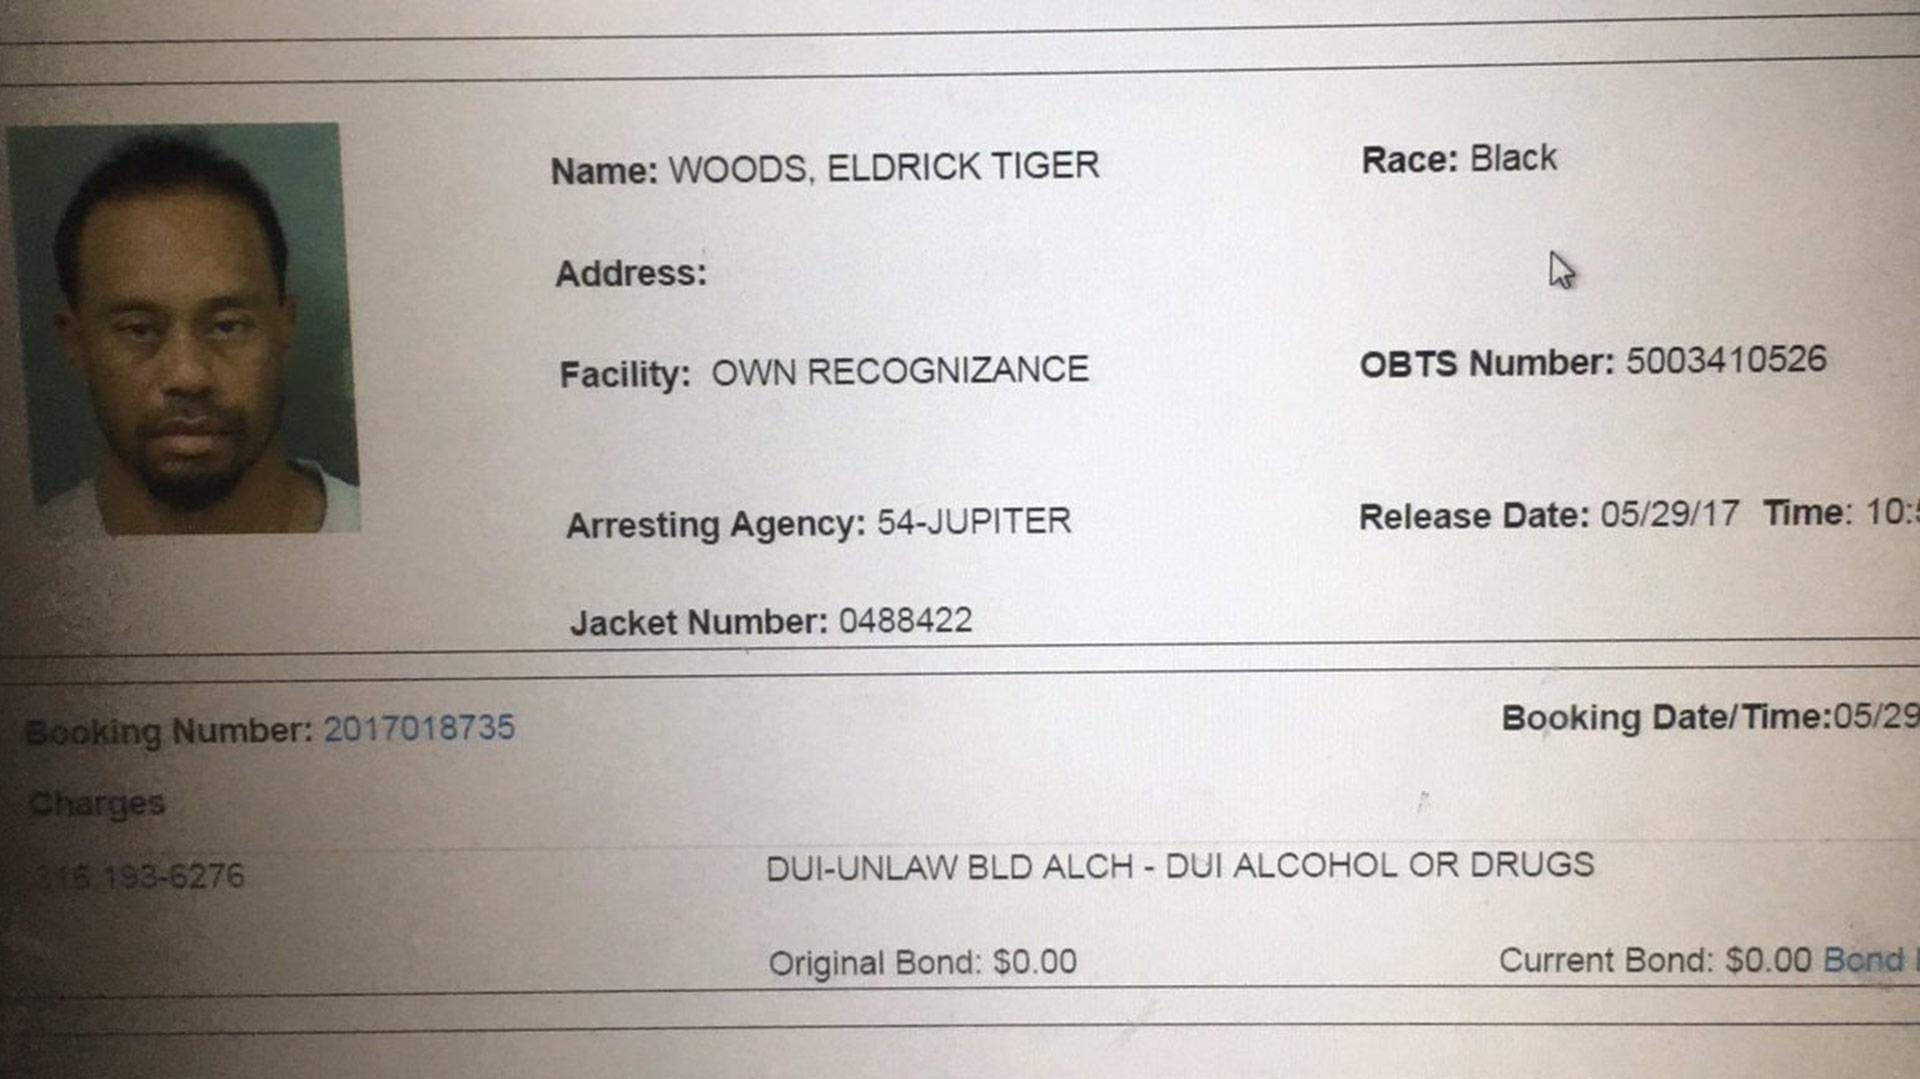 """La ficha del arresto por """"conducir bajo el efecto de alcohol o drogas"""""""